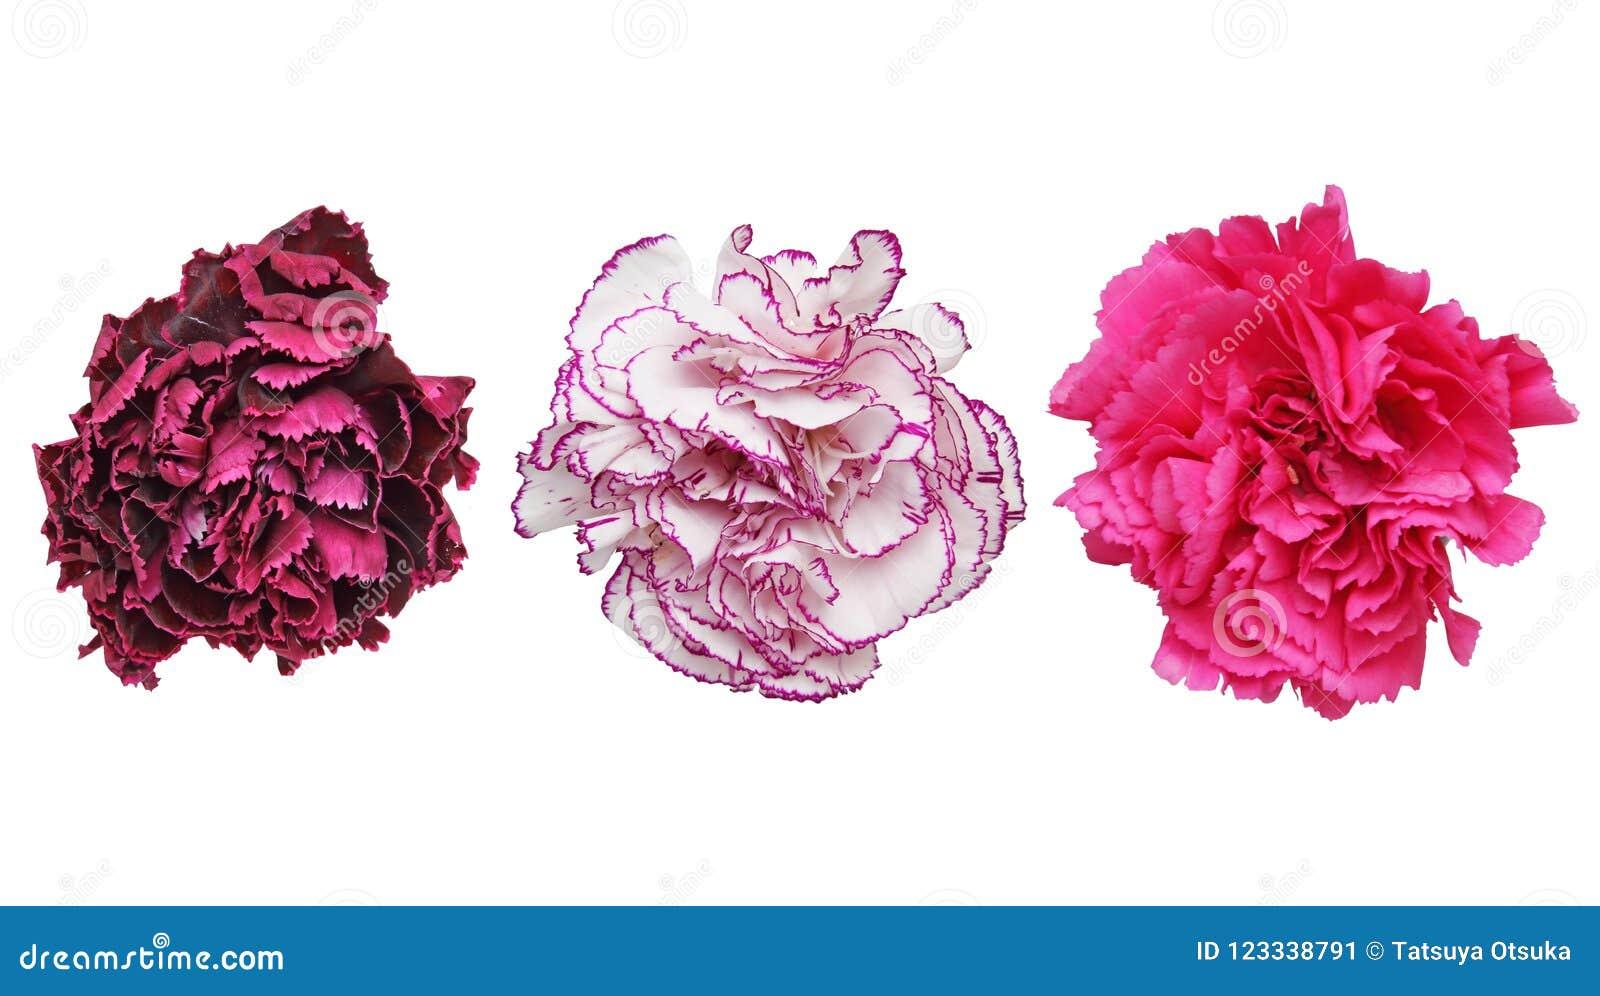 康乃馨头状花序在白色背景中